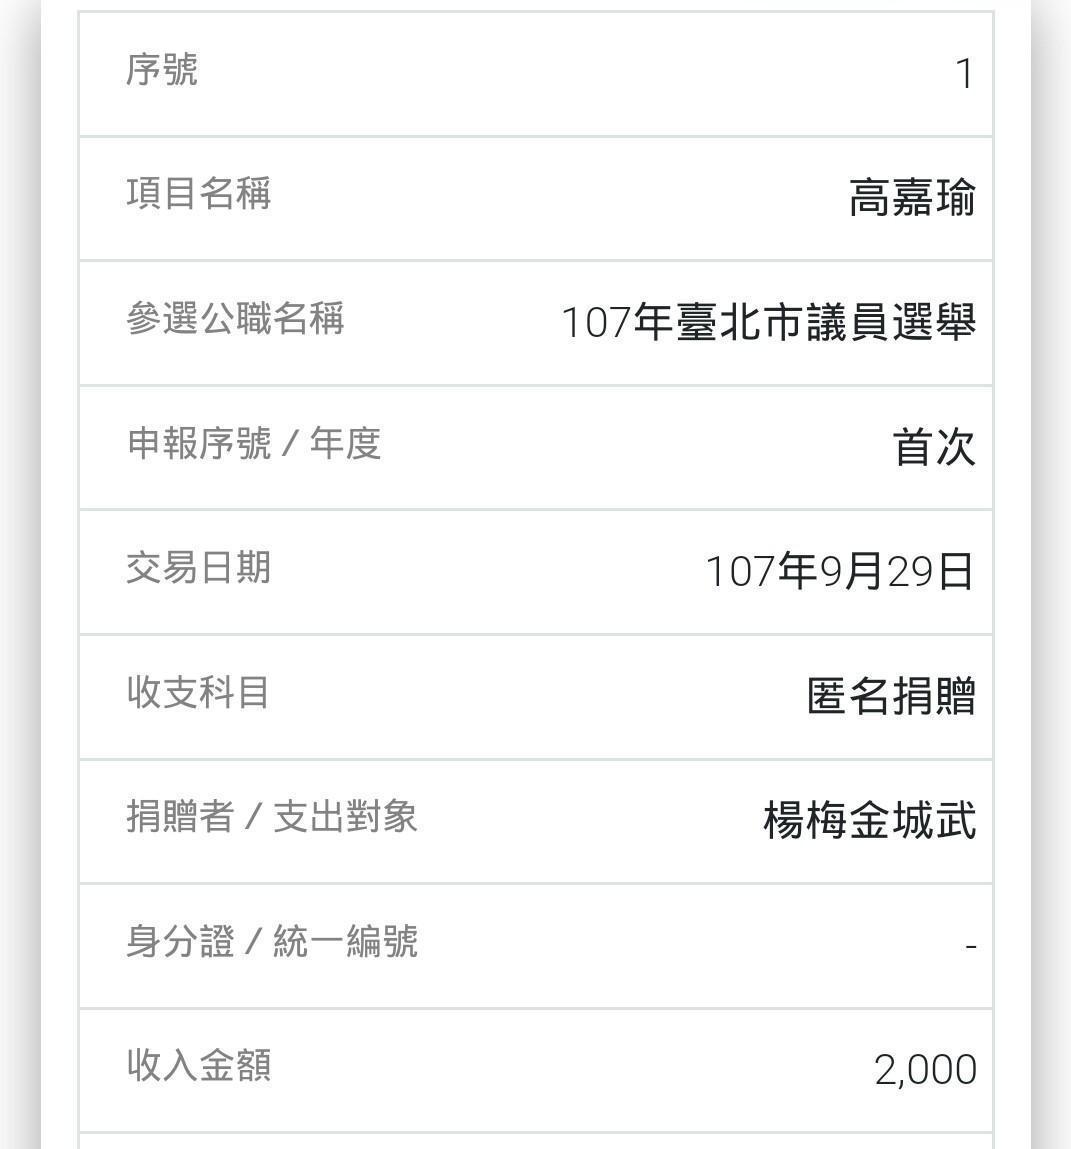 台北市議員高嘉瑜去年收到1筆署名「楊梅金城武」的政治獻金。(翻攝監察院官網)